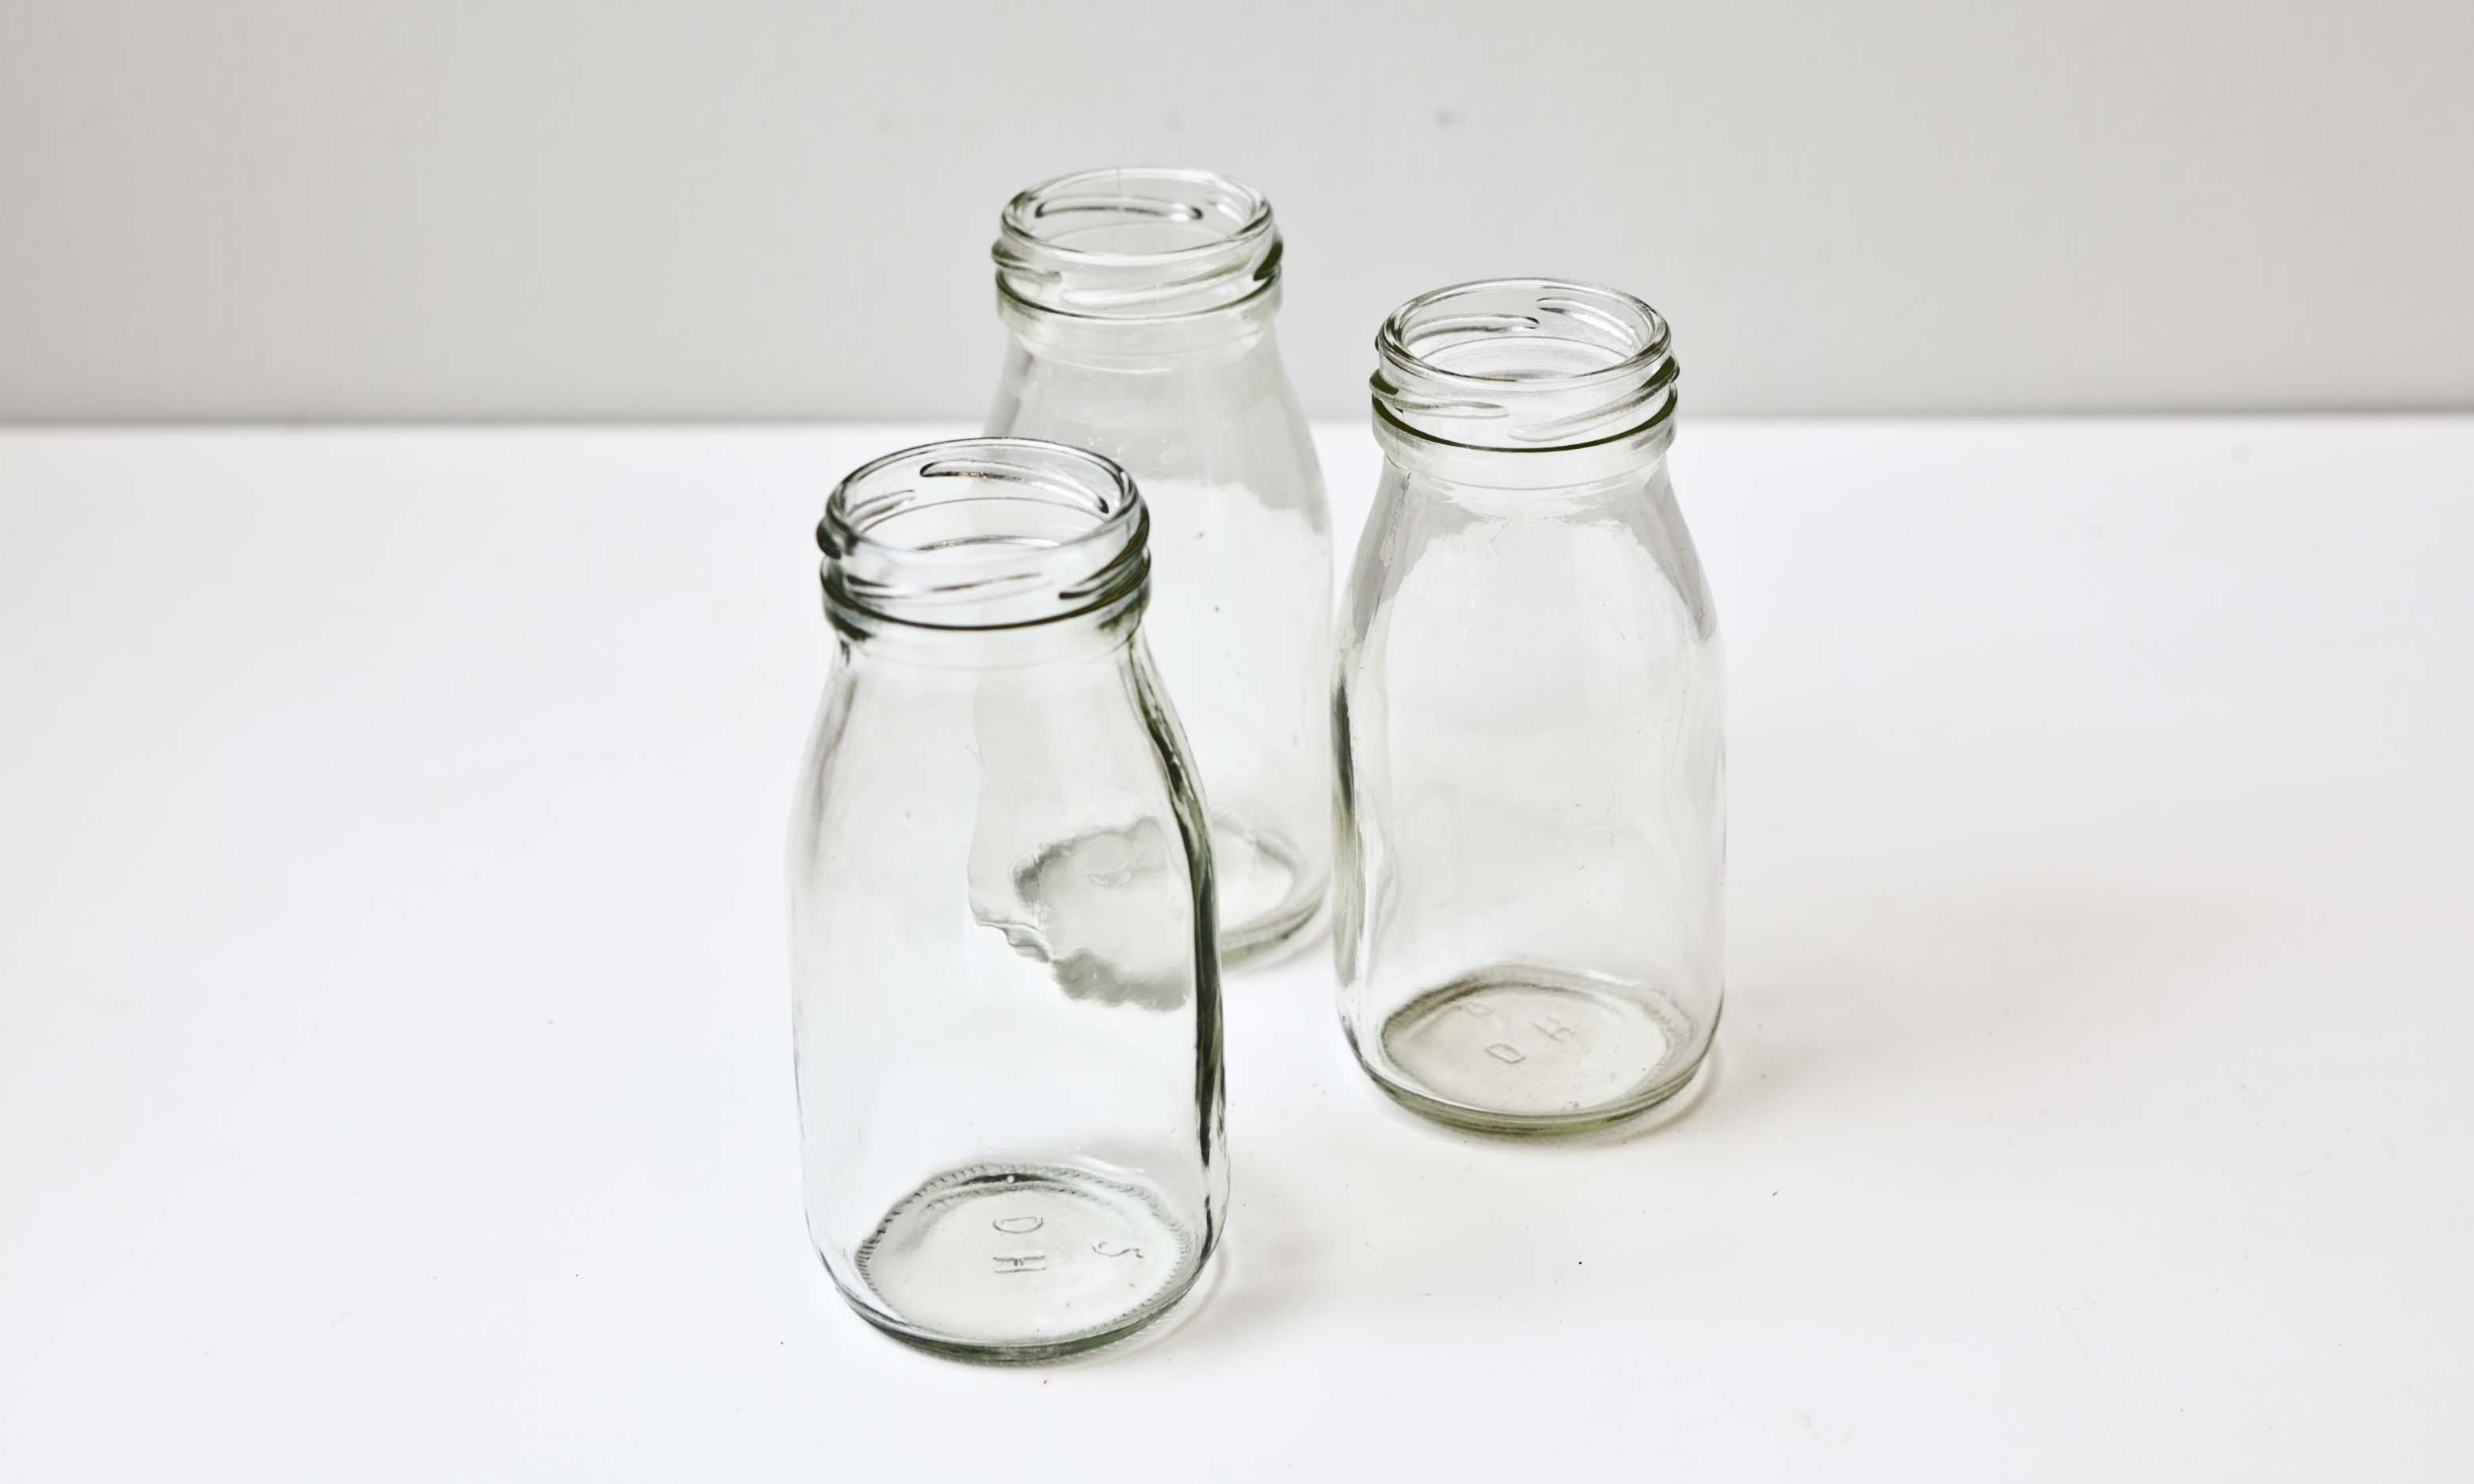 Vases Hire 187 Ashdownandbee Com